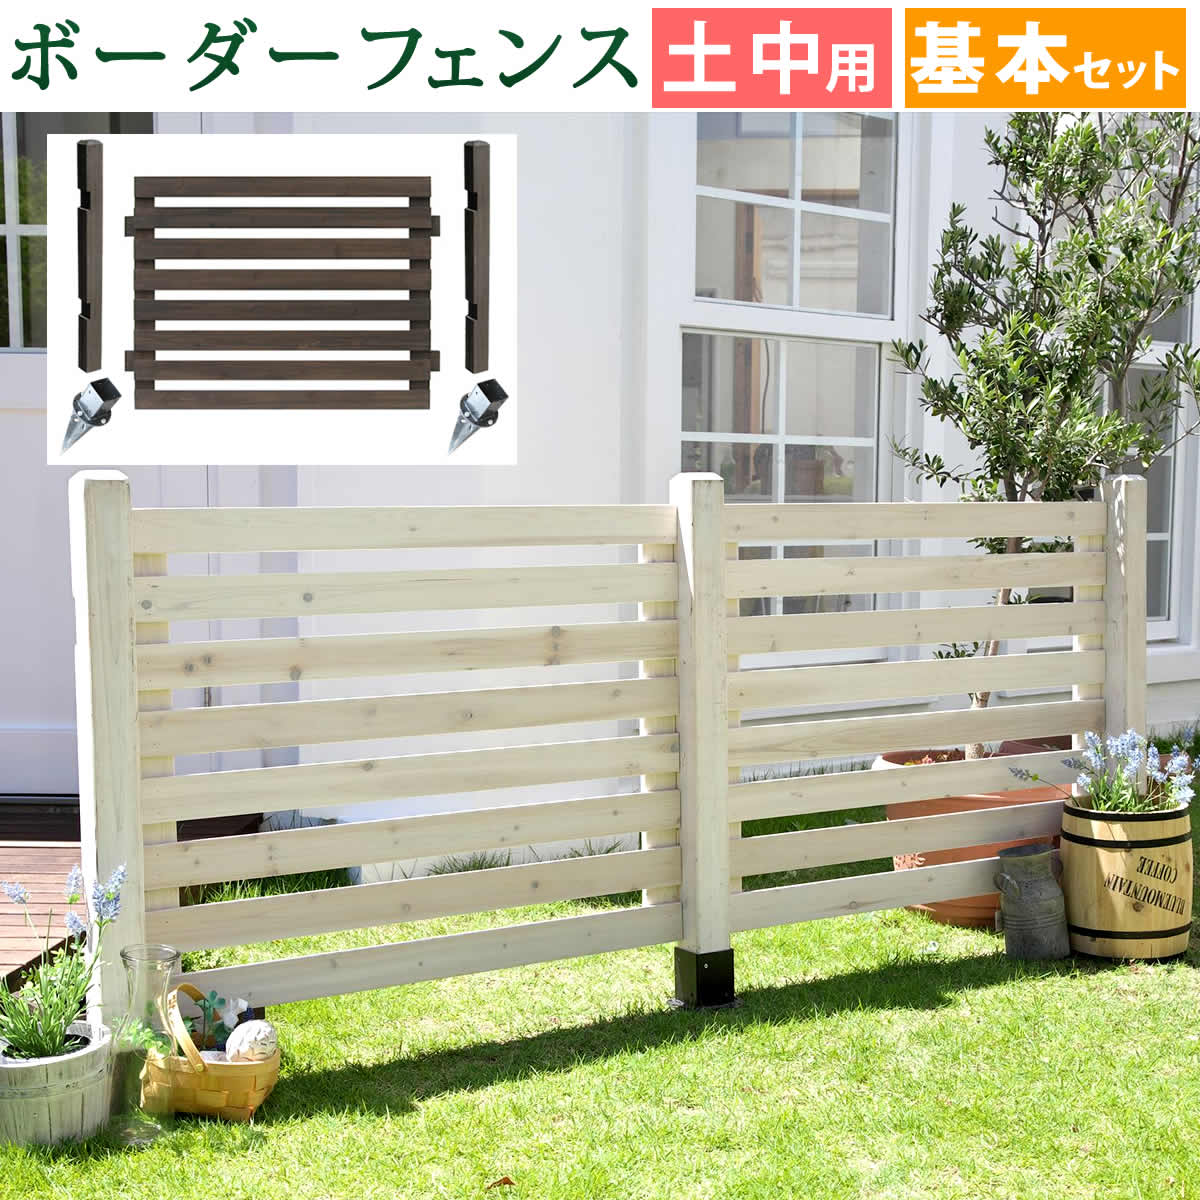 【送料無料】 フェンスデザインの大定番! ボーダーフェンス スプレッド (基本セット/土中用)